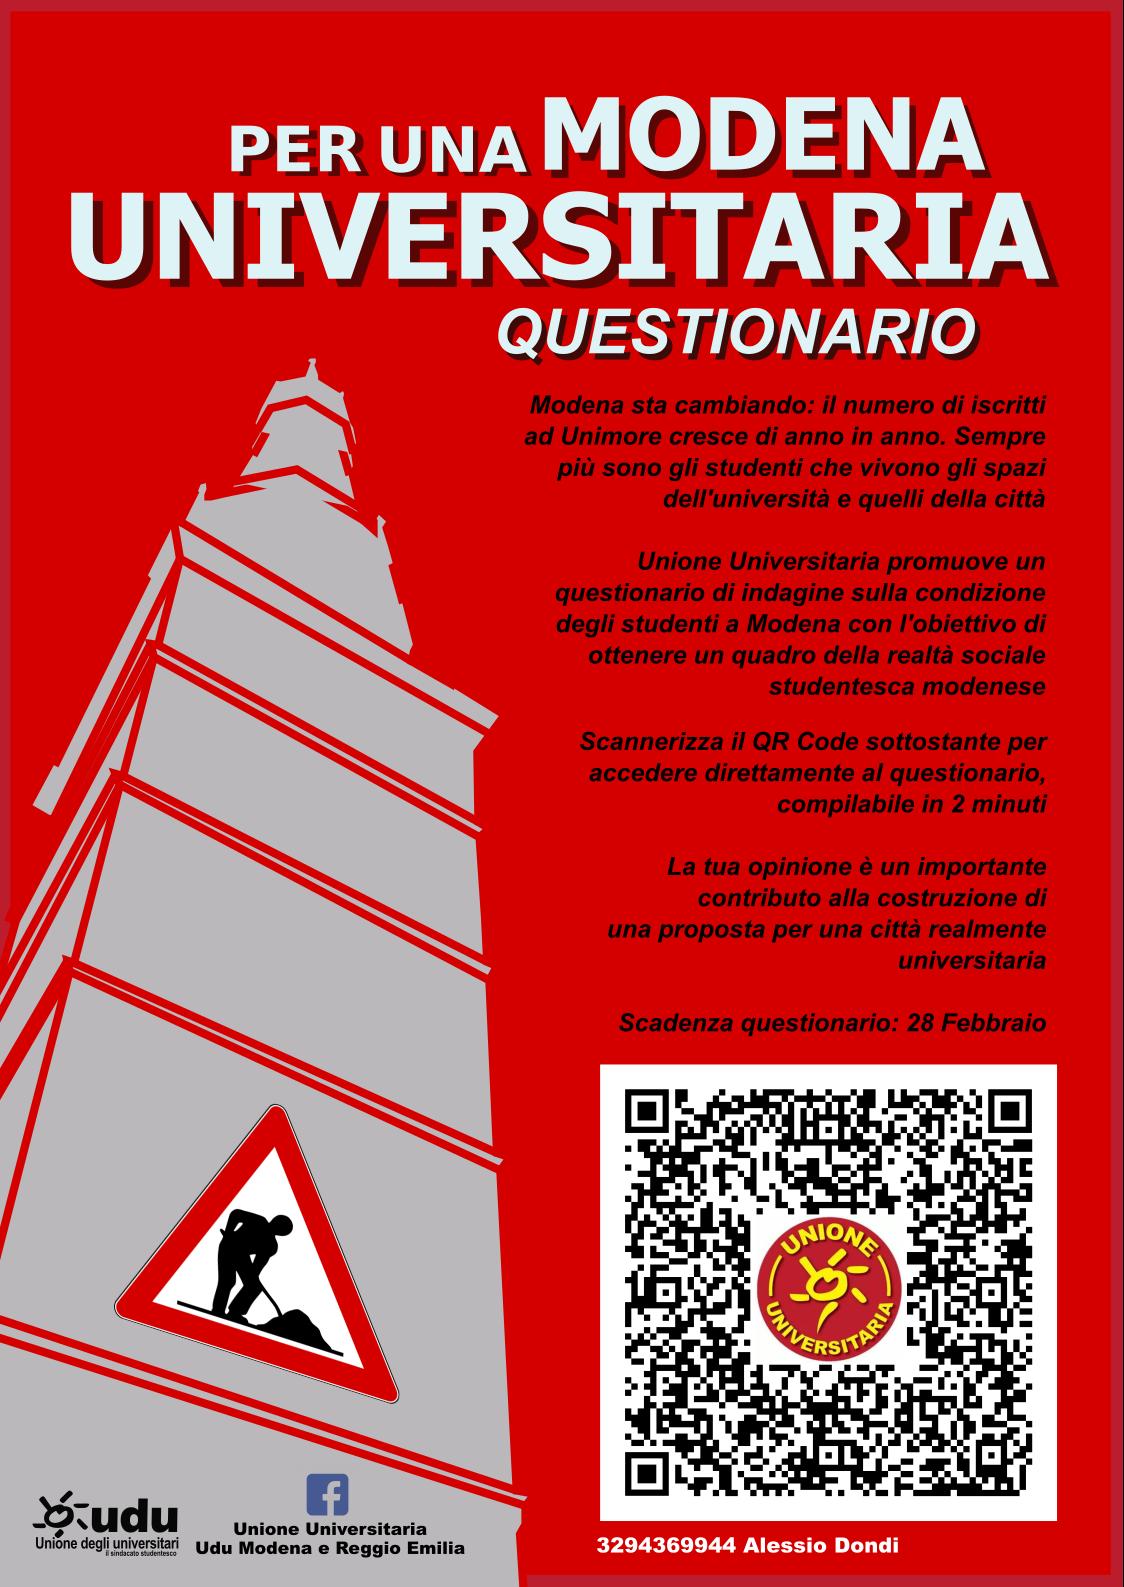 Per una Modena Universitaria SONDAGGIO